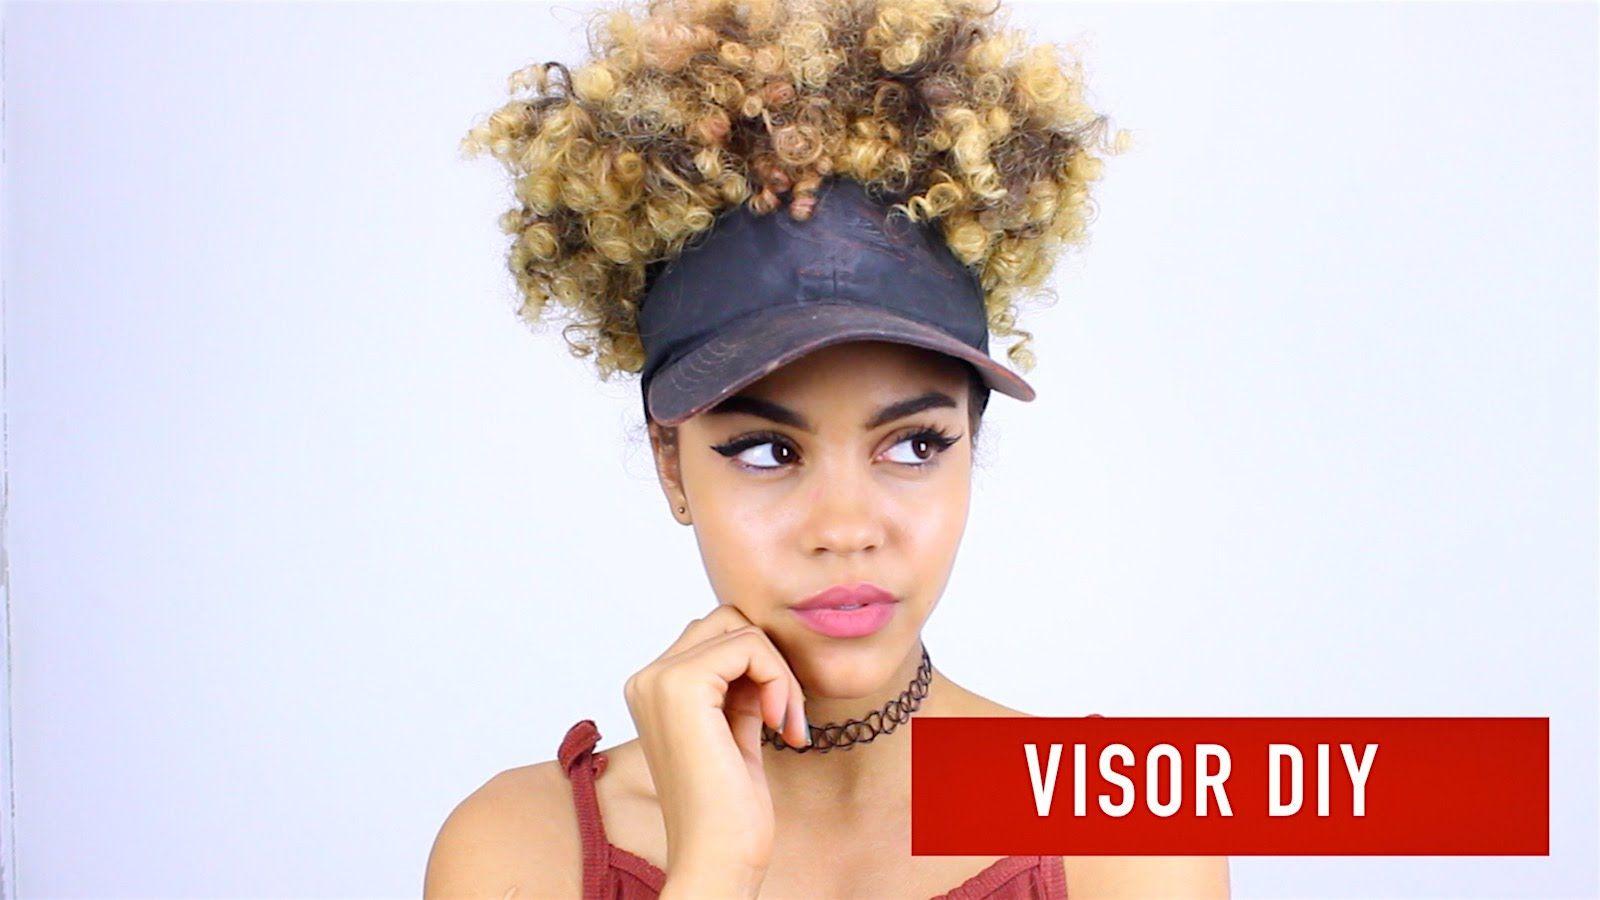 Diy Visor 3 Visor Curly Hairstyles Natural Hair Bun